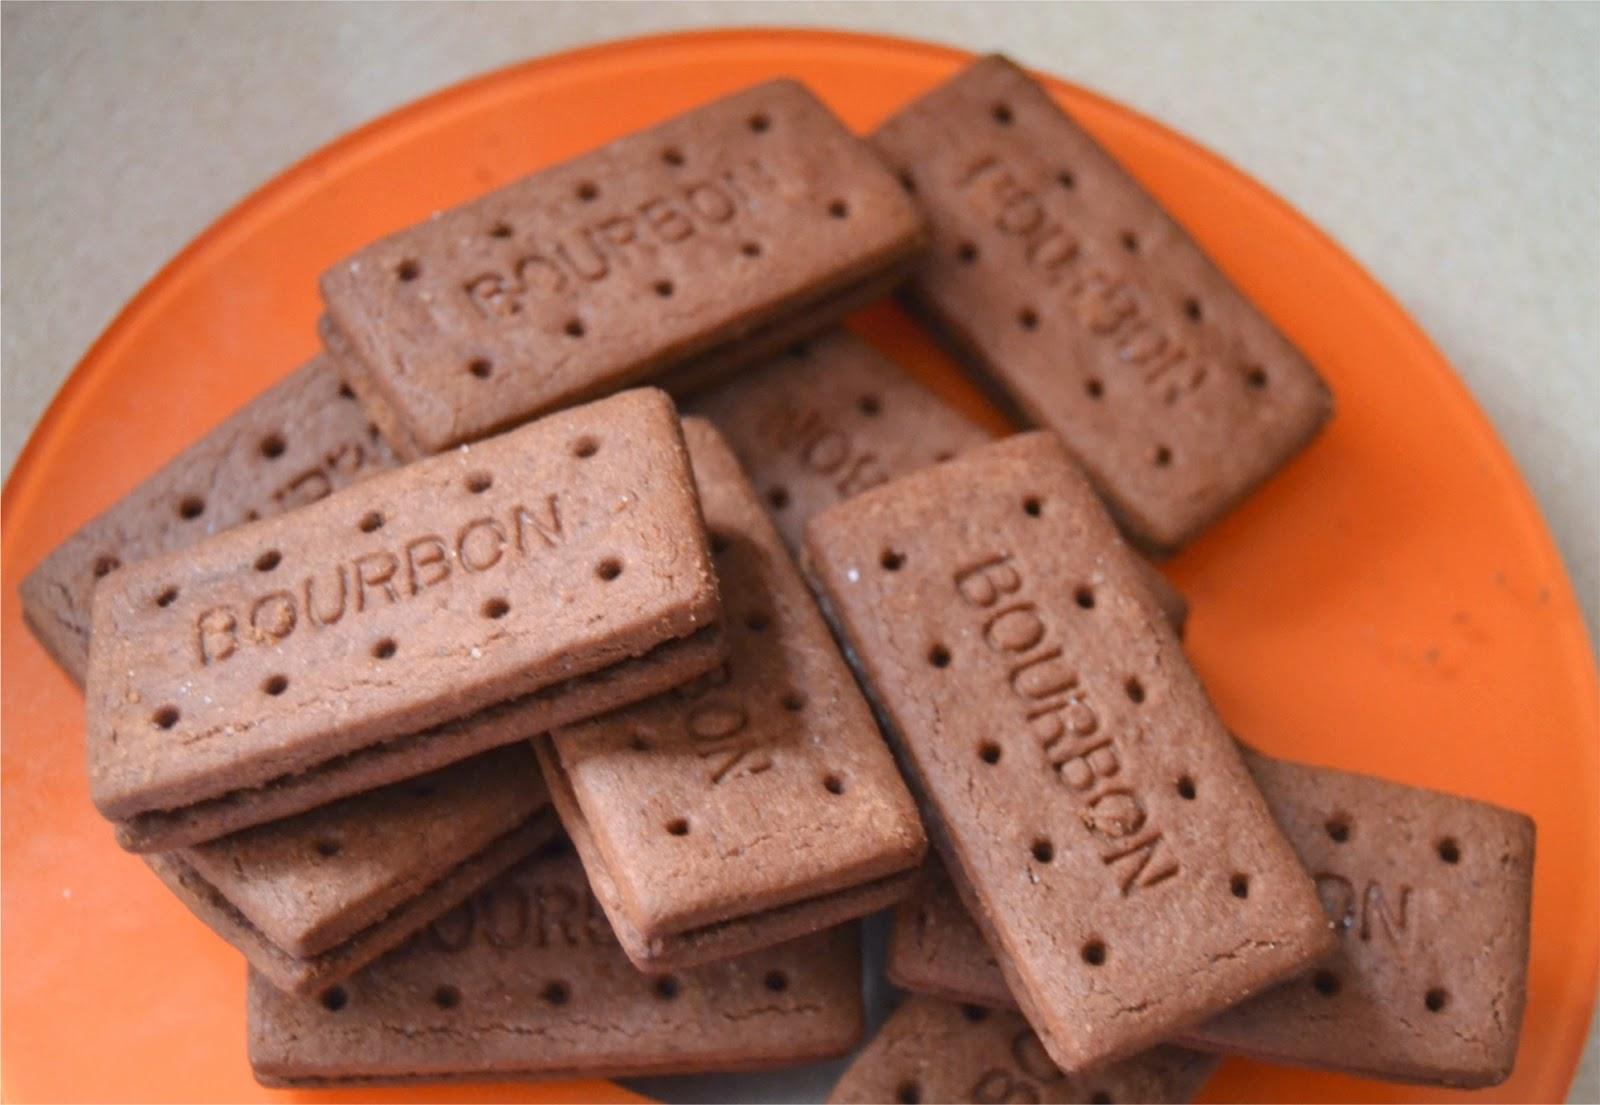 http://3.bp.blogspot.com/-iubUP6LCPfM/U--ECQ-u_JI/AAAAAAAAK14/OpLgWbiPiow/s1600/bourbons.jpg